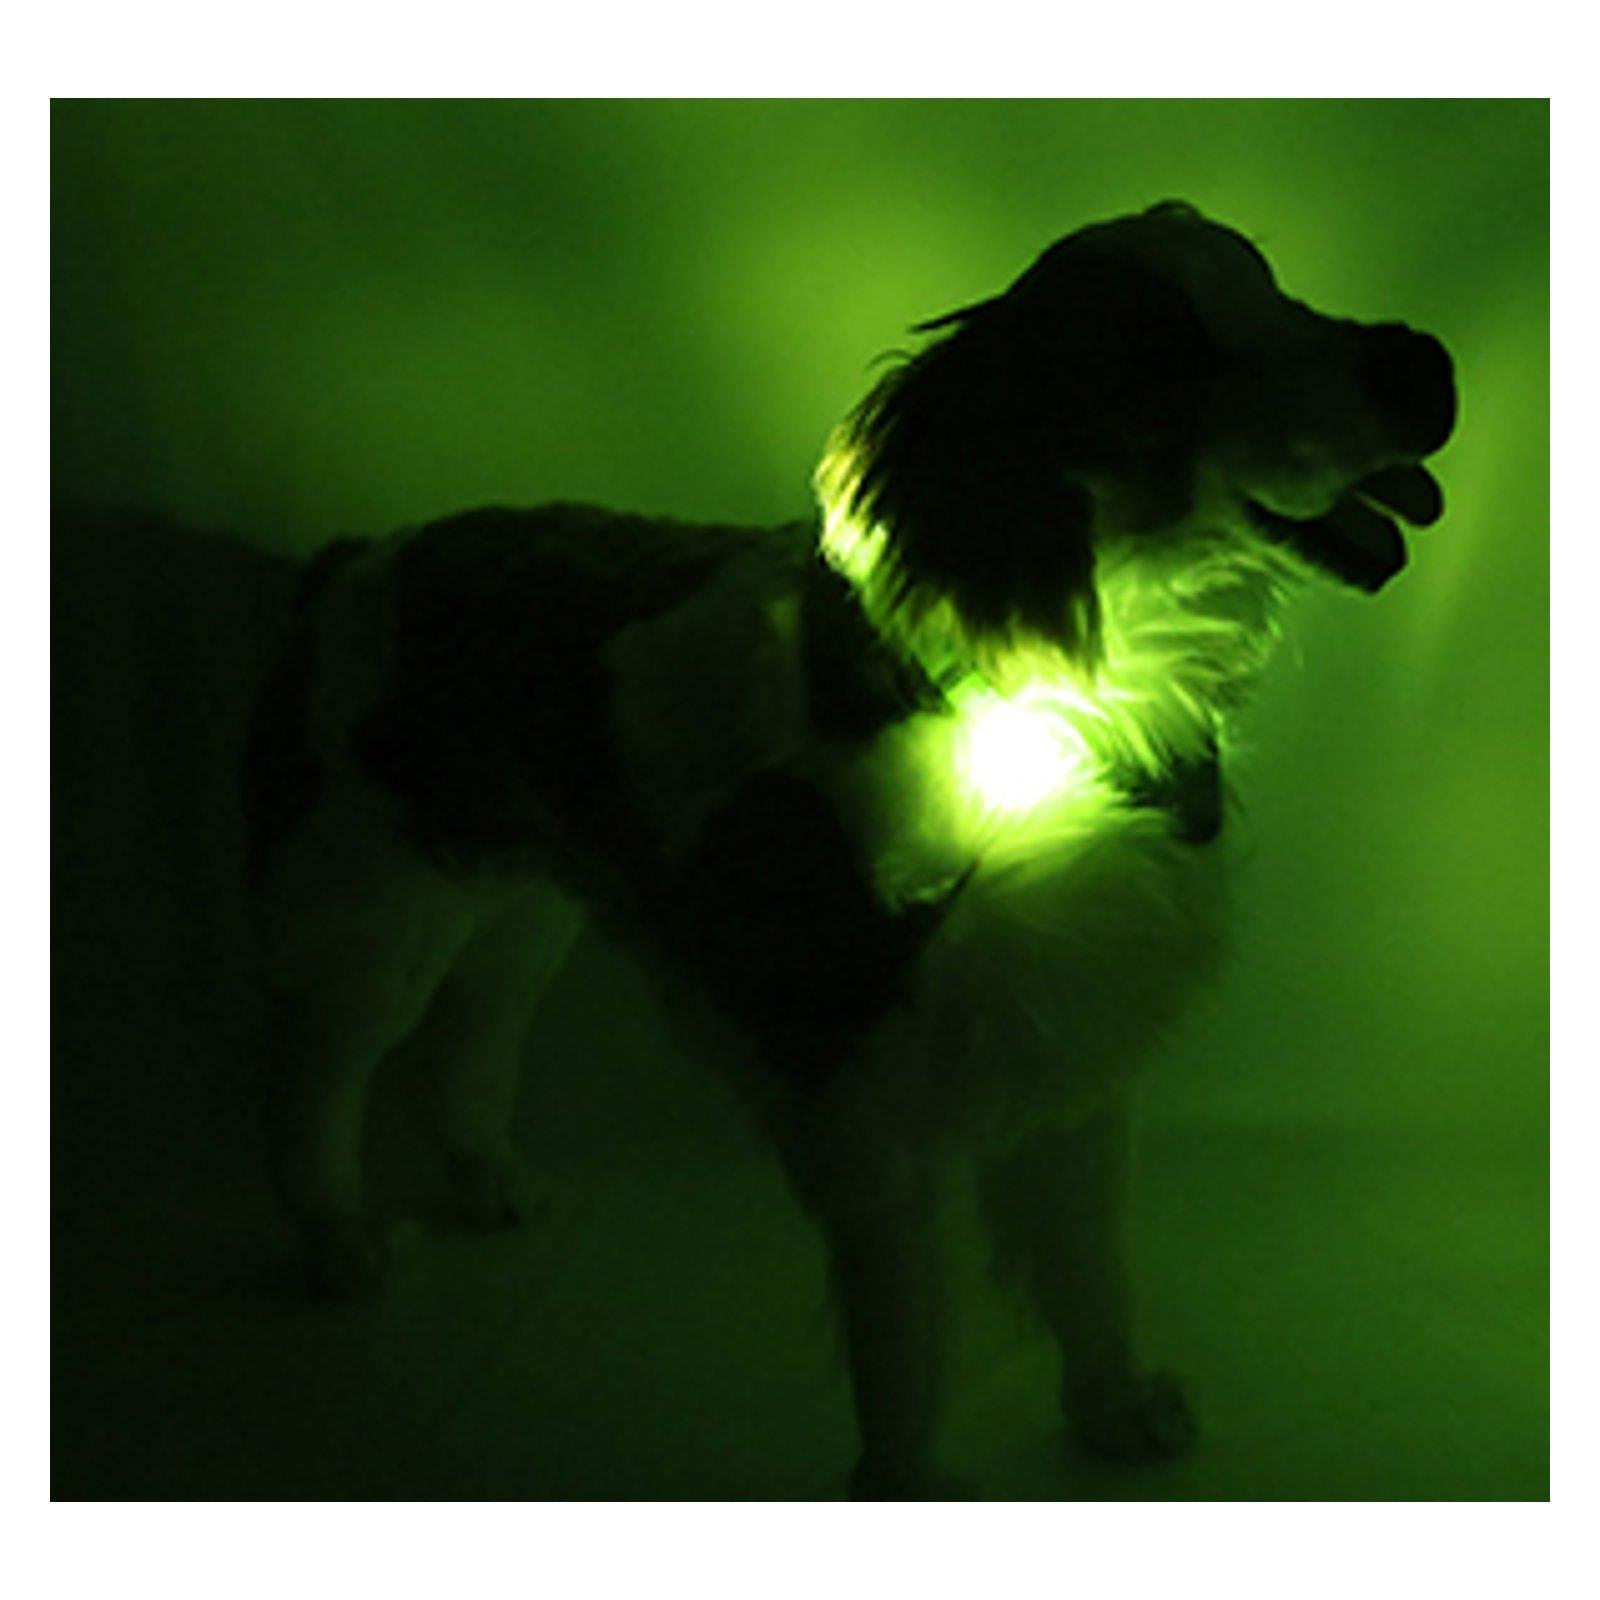 Leuchtie Plus LED Leucht LED Plus Hunde Halsband Sicherheit Licht Wasserfest Tier Hell 1dd5df